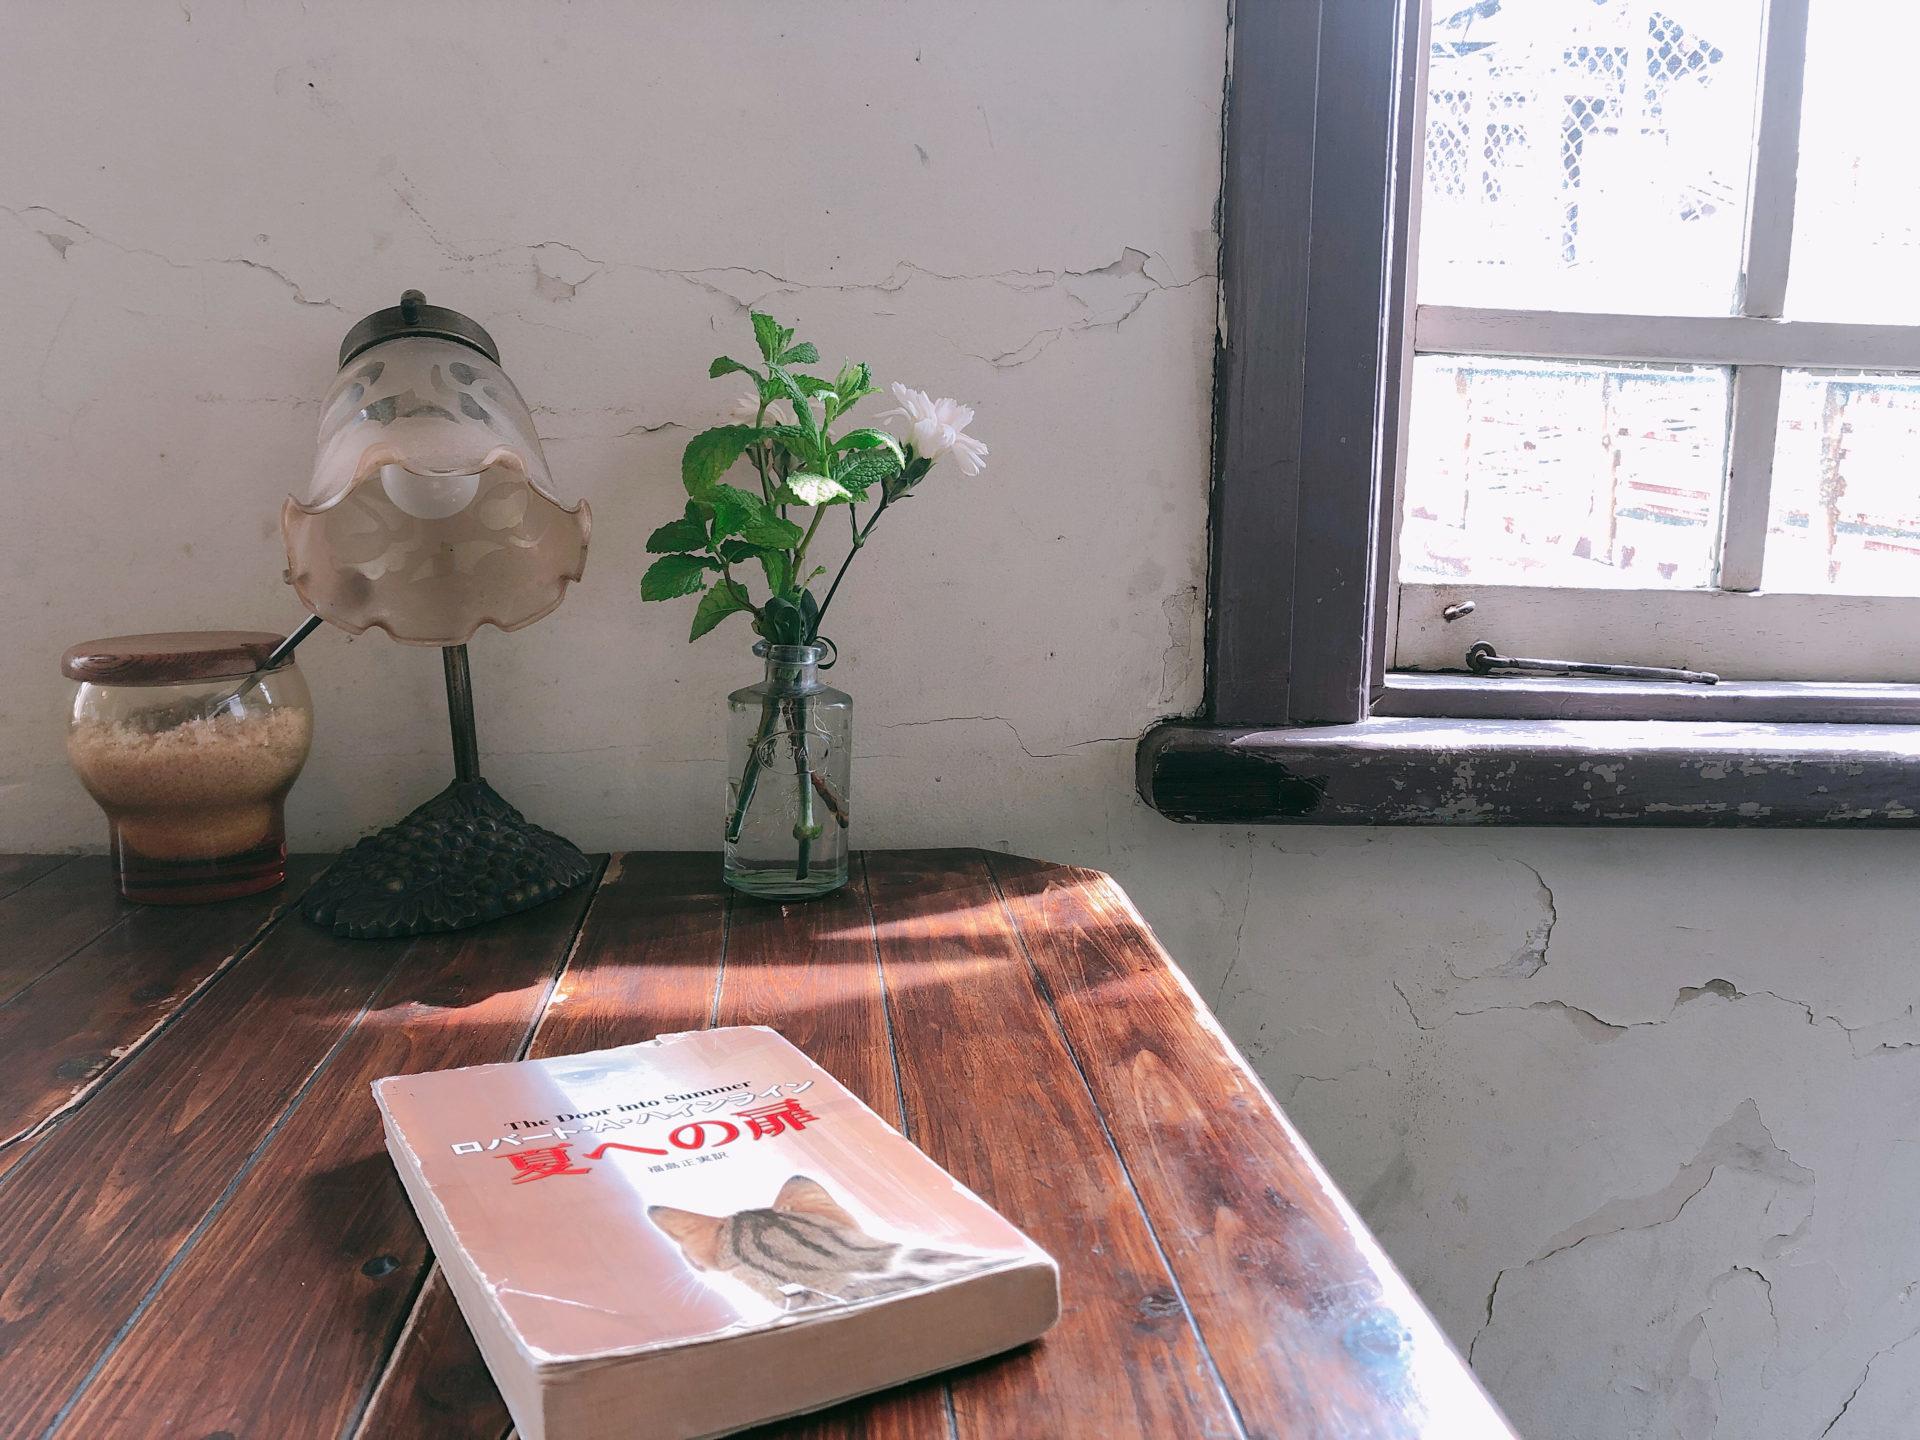 窓際のテーブルの上の本「夏への扉」